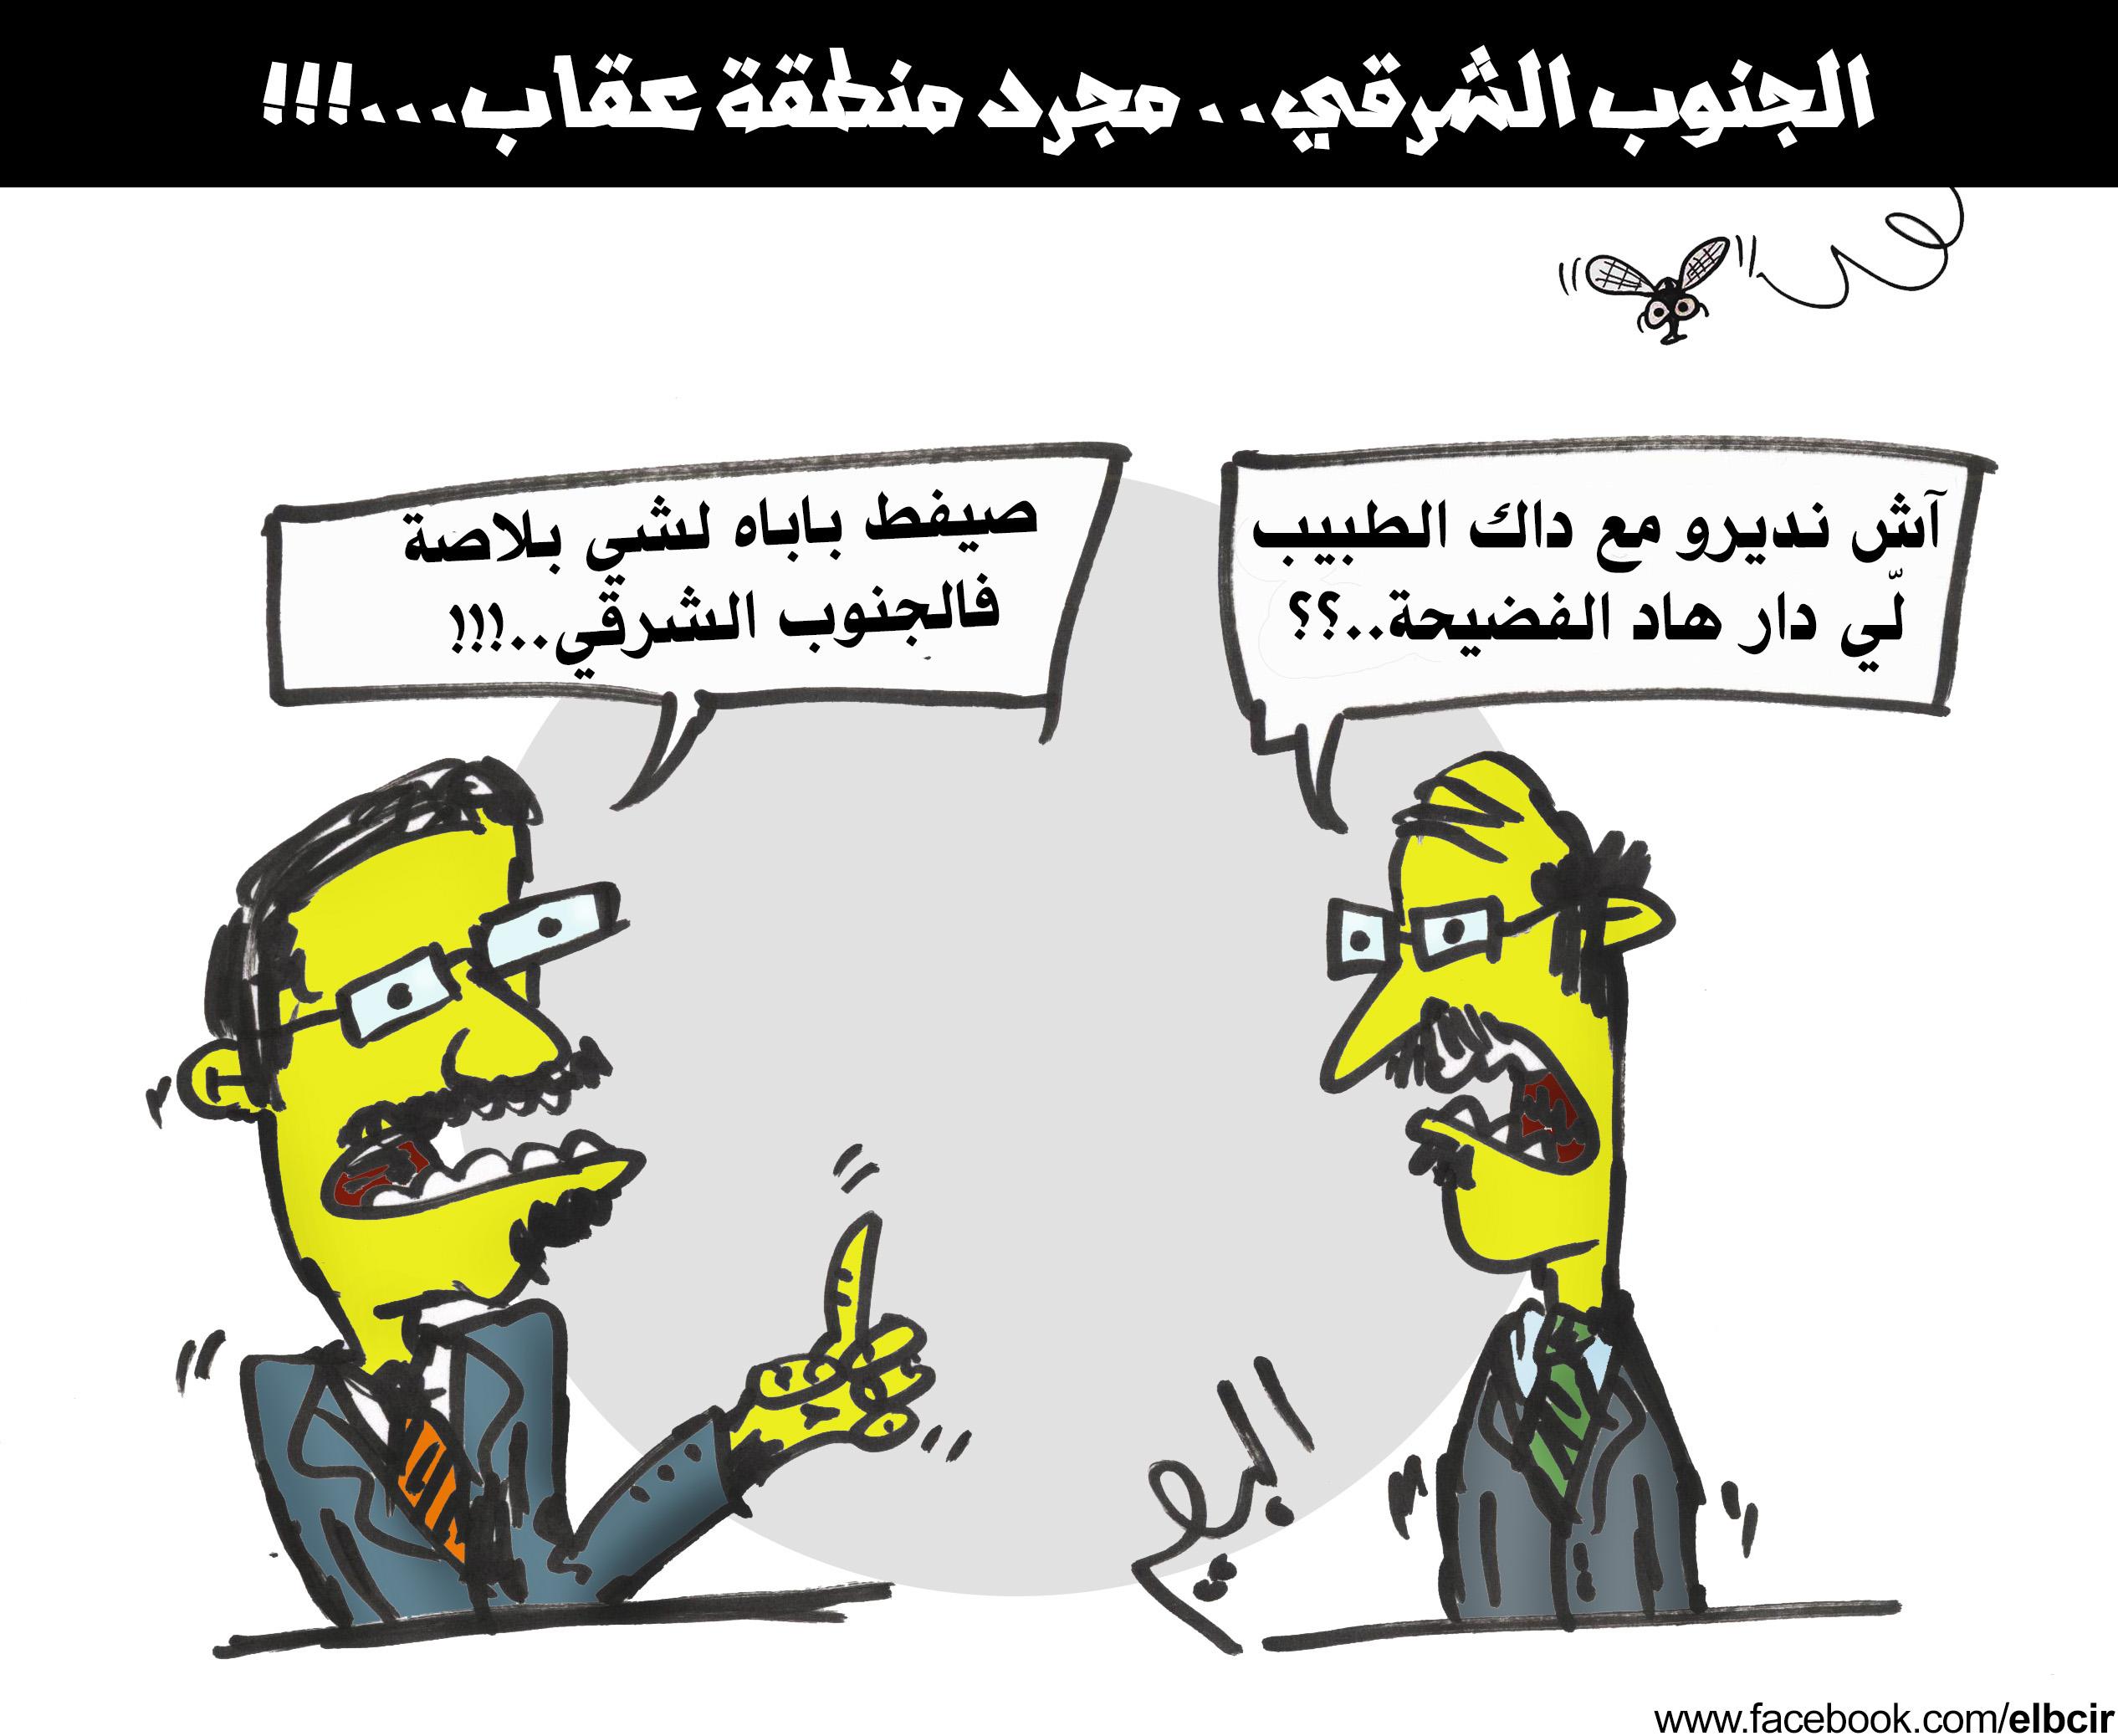 كاريكاتير عقاب المسؤولين بالجنوب الشرقي